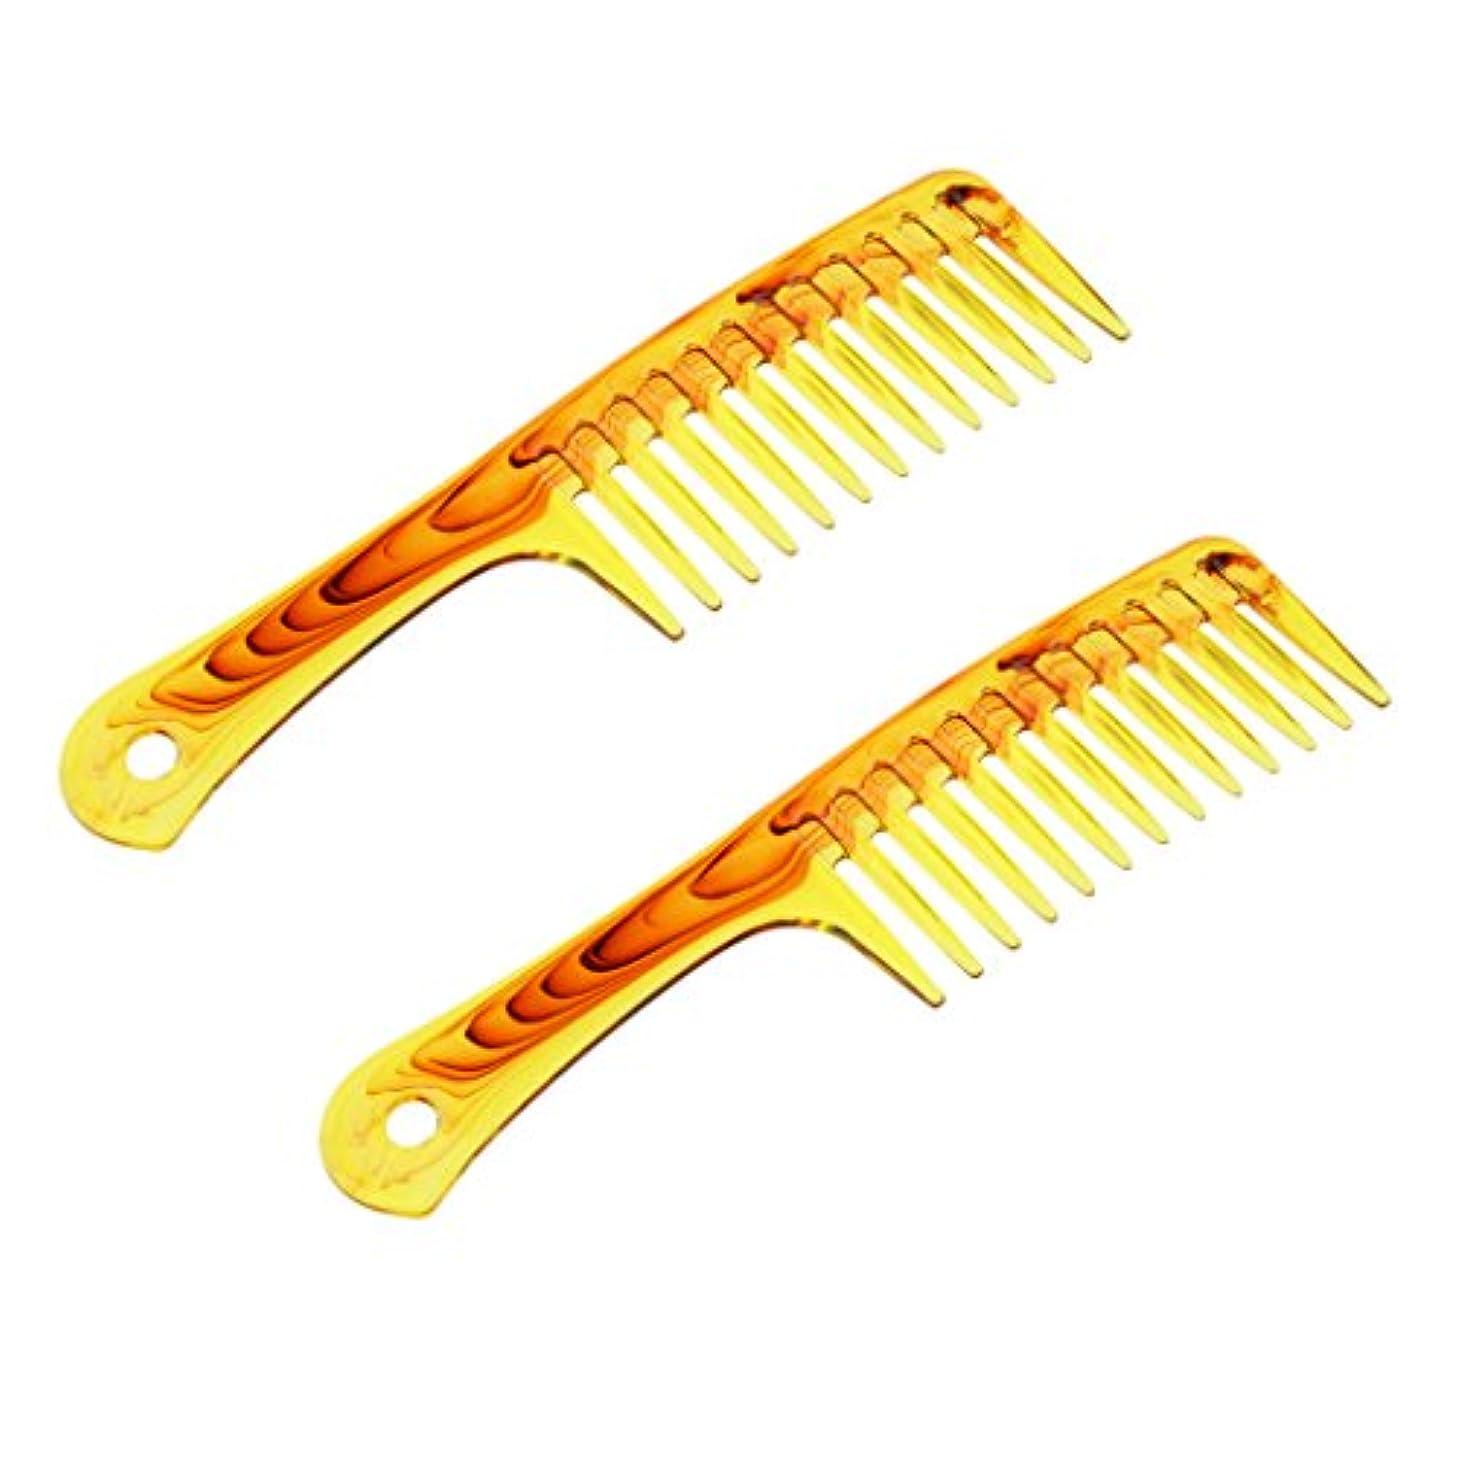 知るシンポジウムエゴイズムヘアコーム プラスチック製 2個入 櫛 くし シャンプー 広い歯